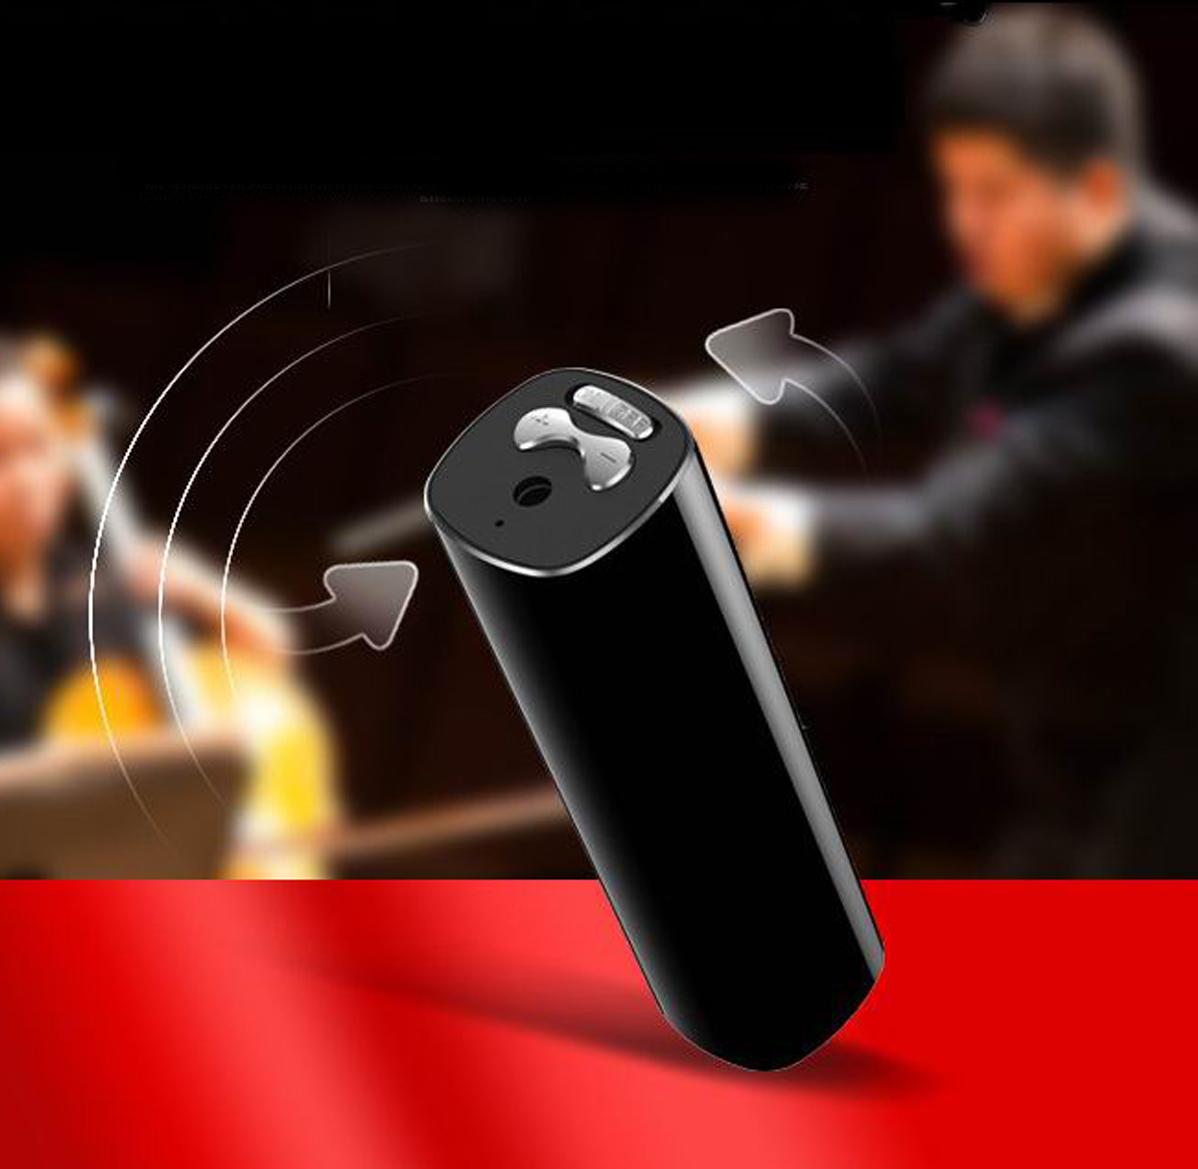 DYKTAFON CYFROWY 16GB VOX DETEKCJA RED.SZUMU 21DNI Mikrofon stereofoniczny